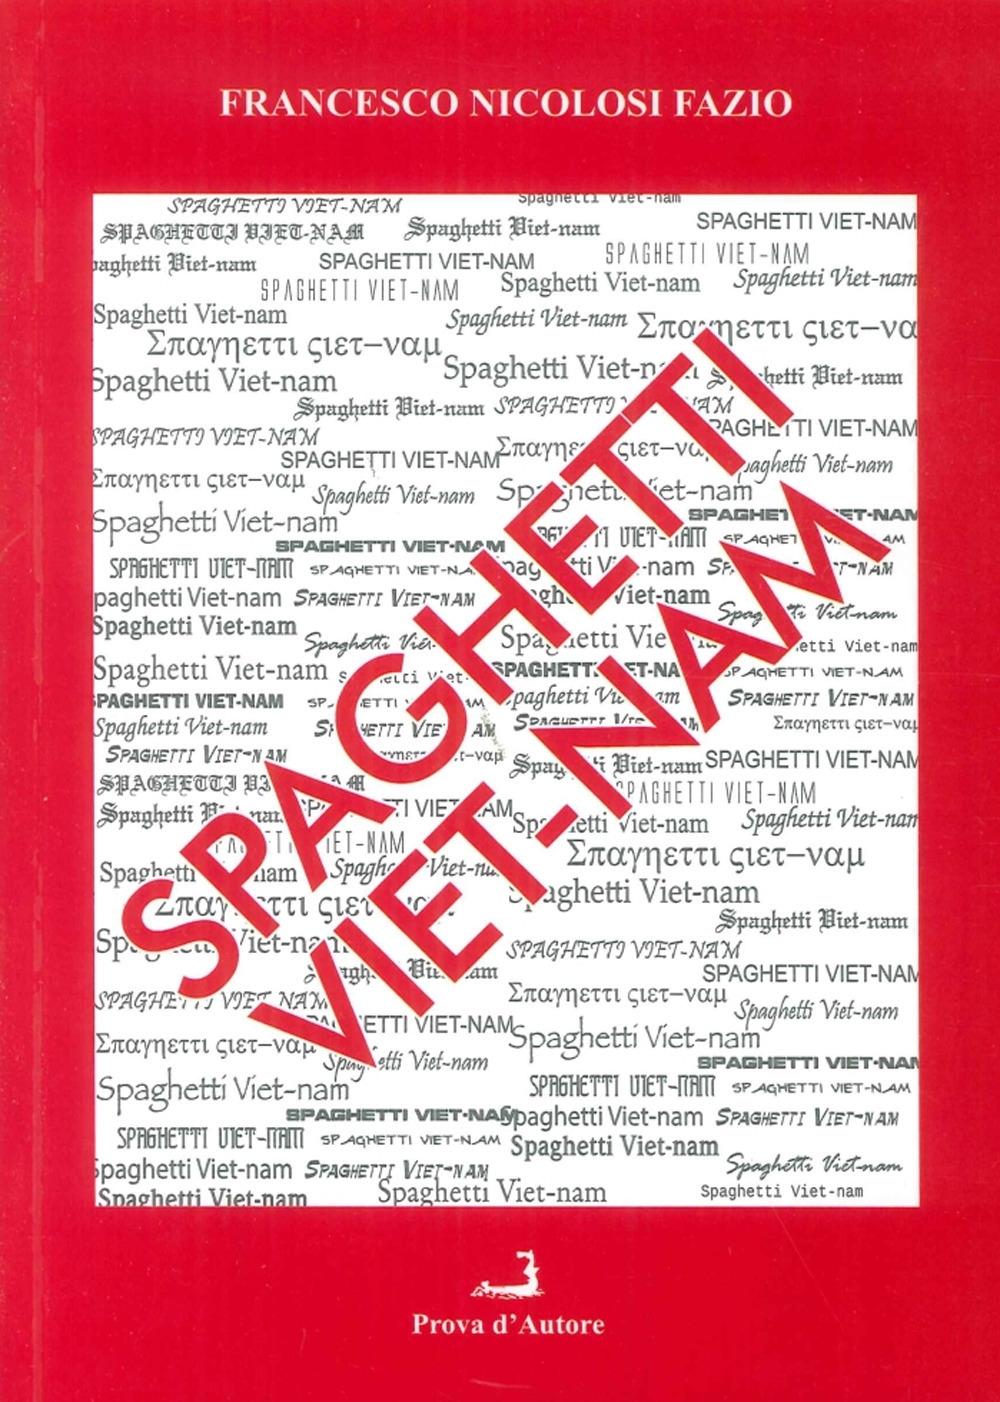 Spaghetti Viet-Nam